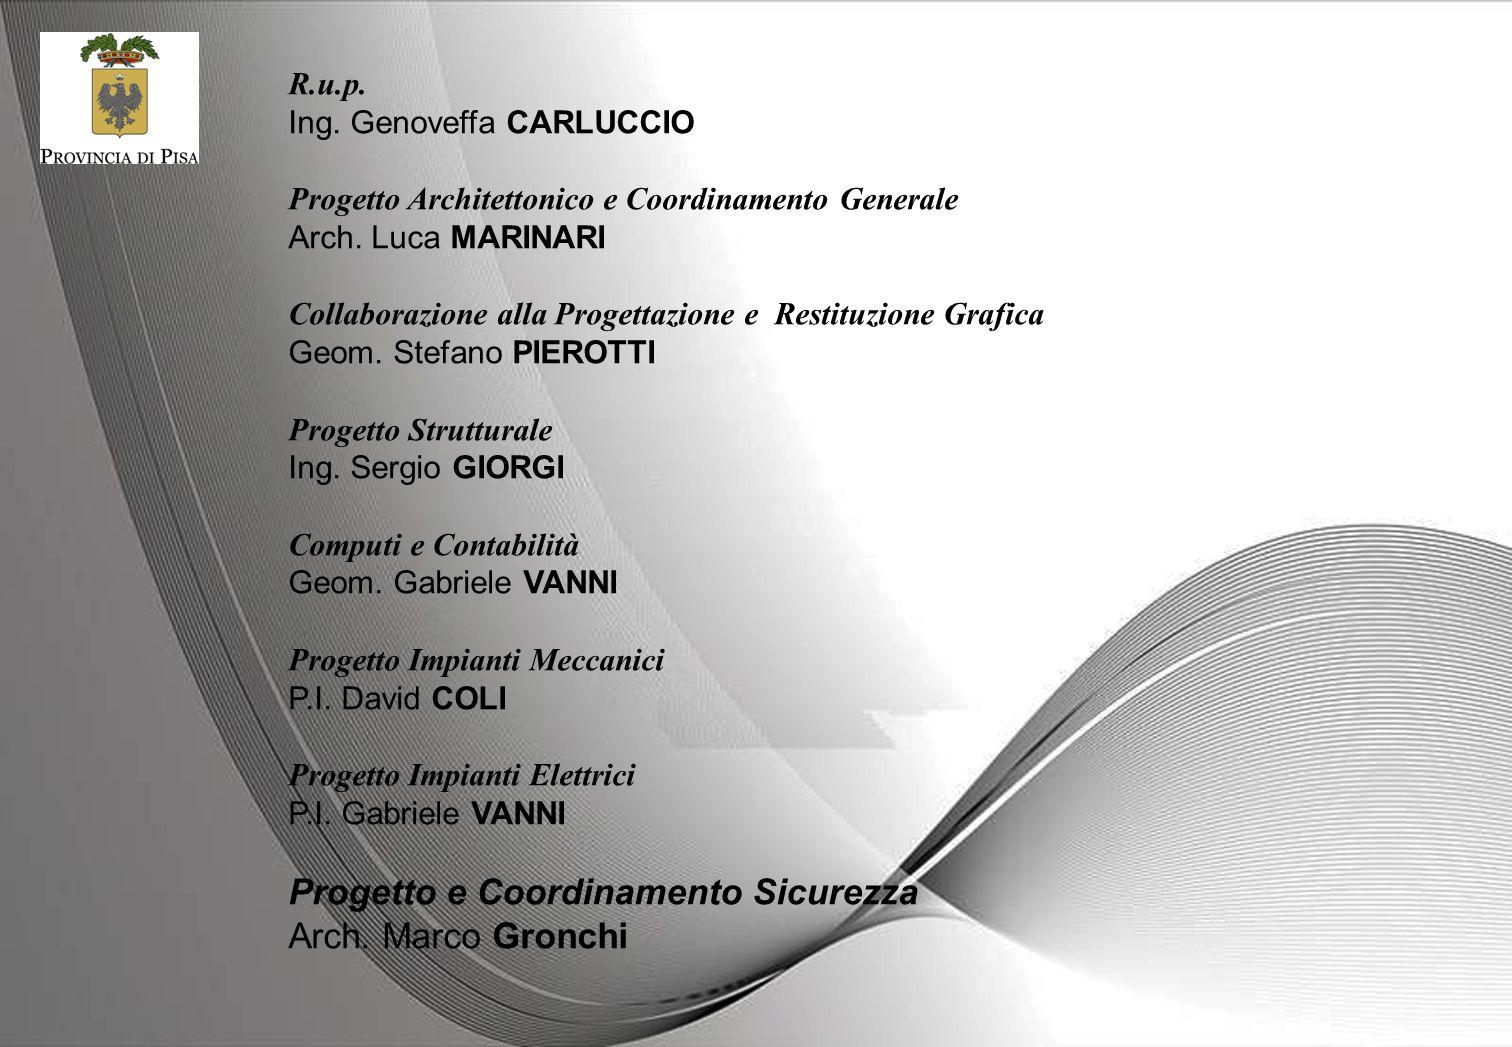 RELAZIONE TECNICO-DESCRITTIVA Nuova sede dellAgenzia per il Turismo, centro di informazione e percorso privilegiato in Pisa.